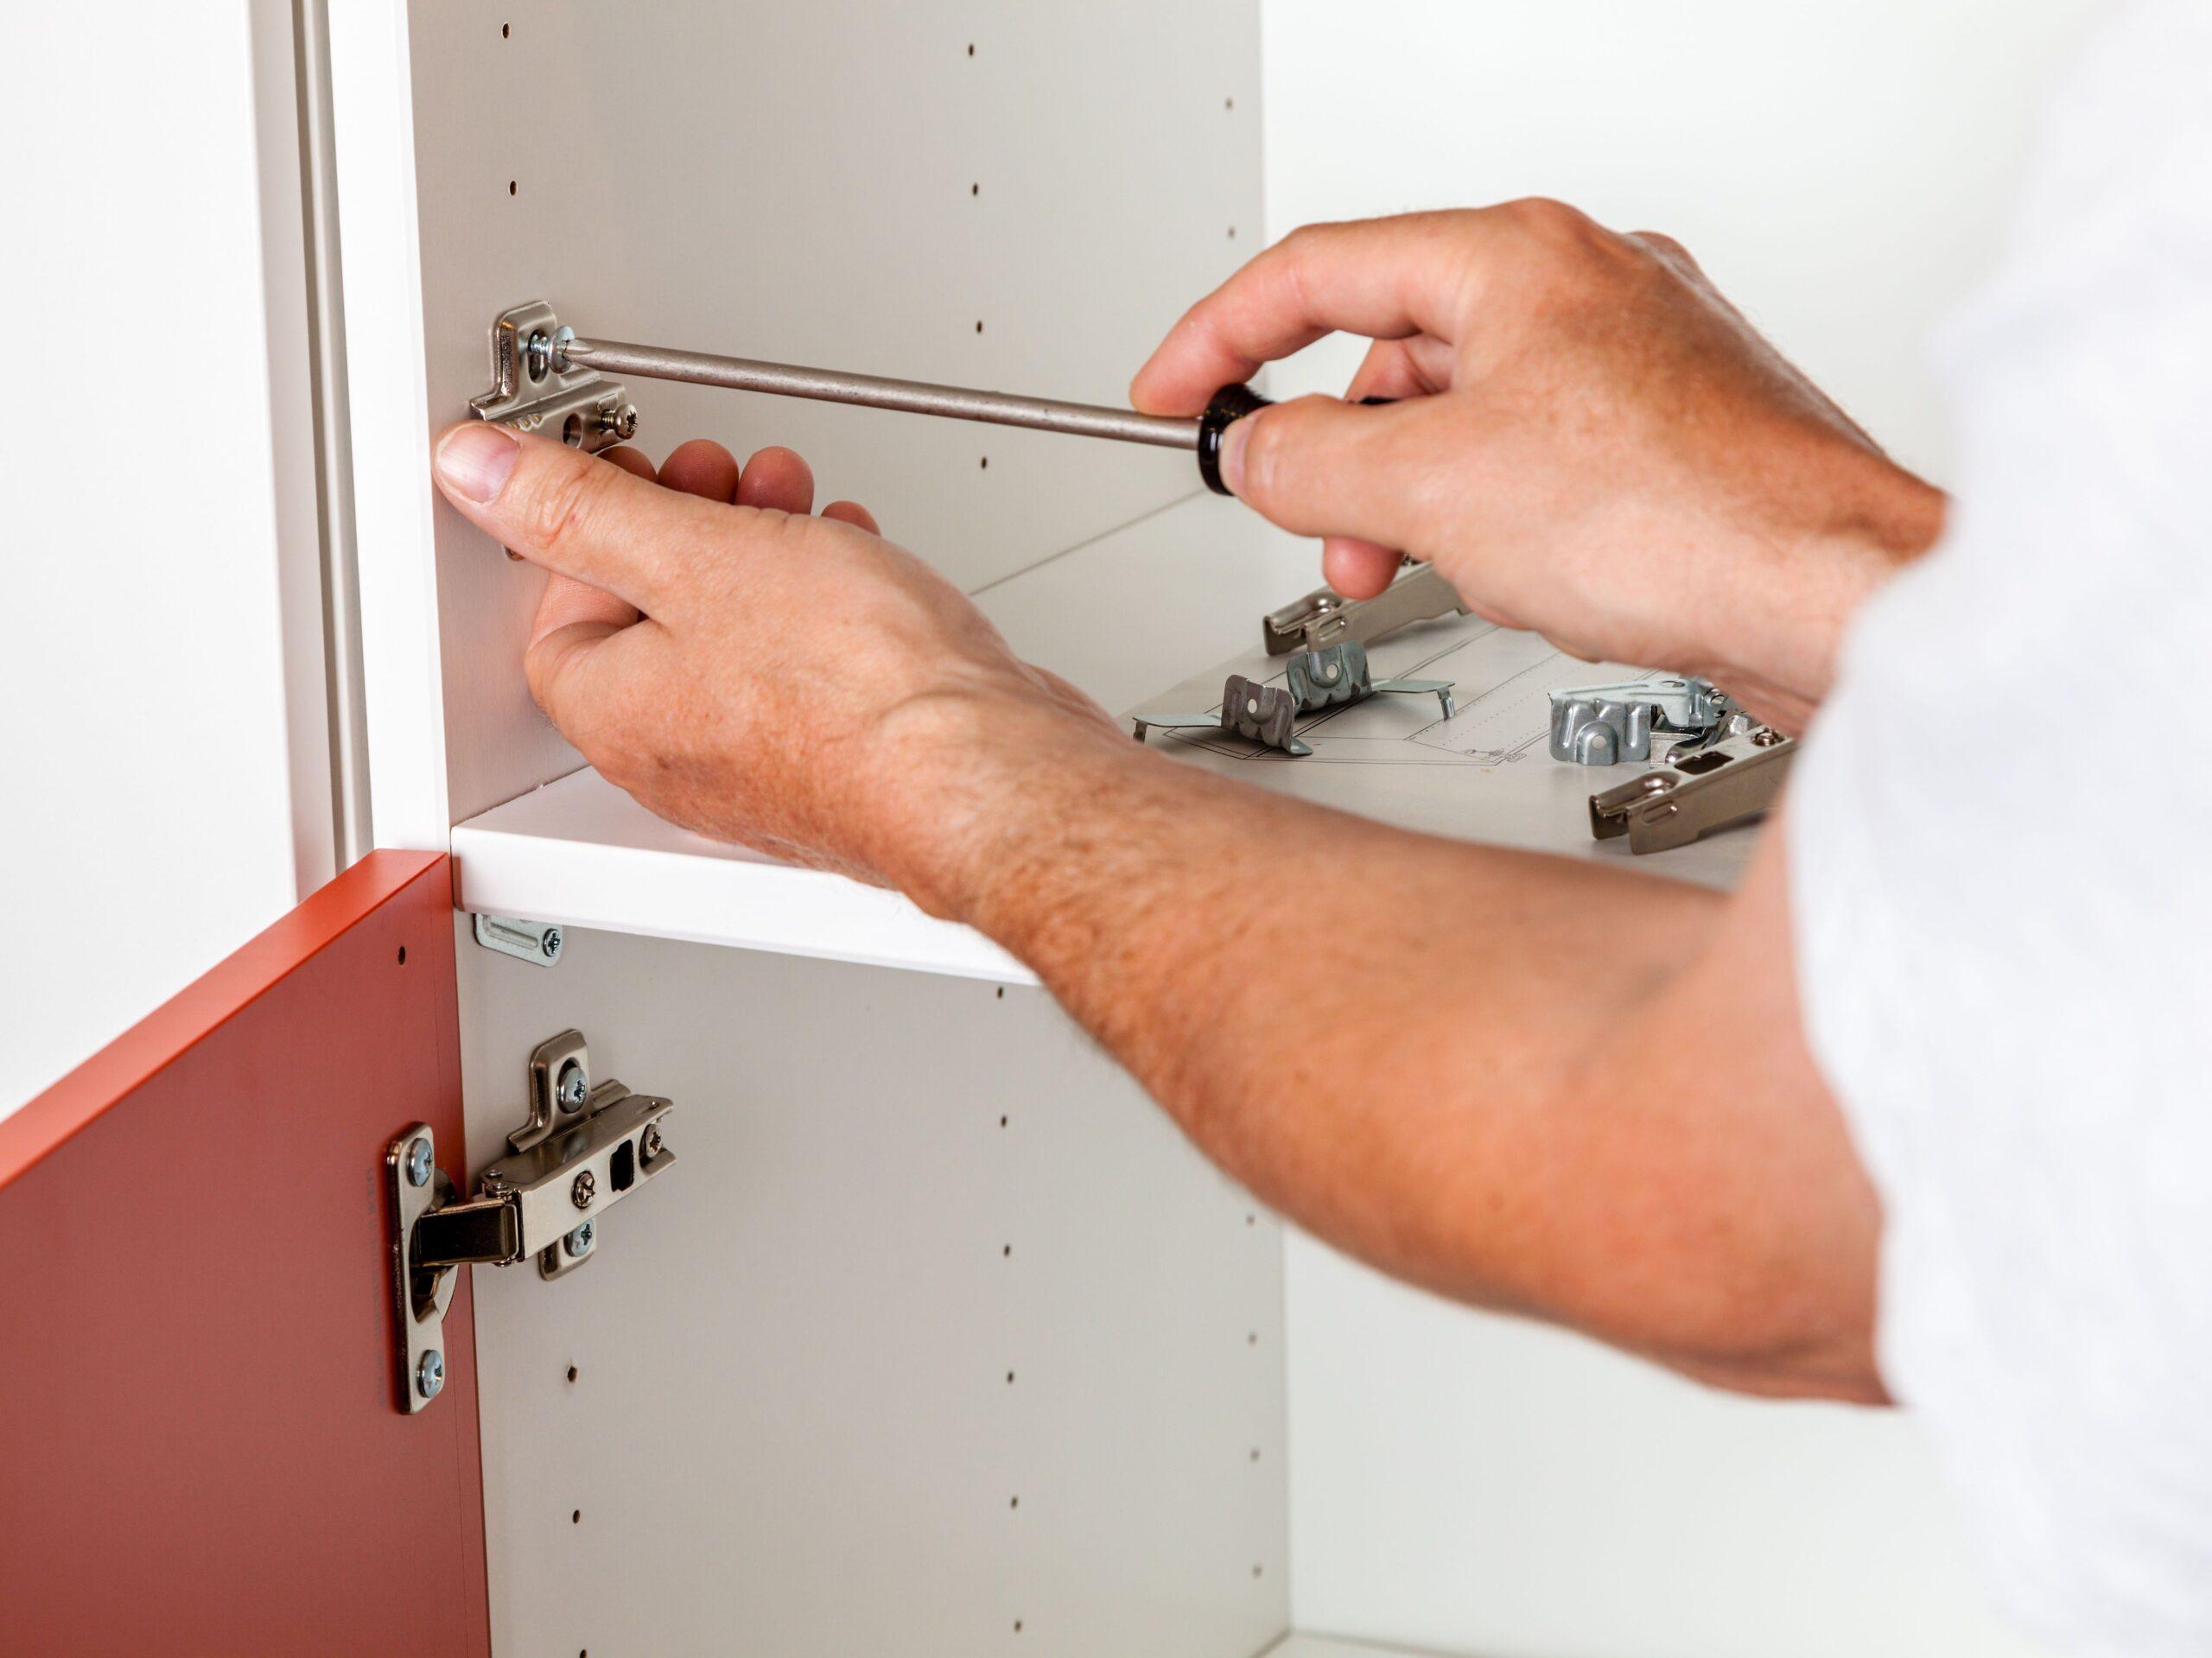 Как починить доводчик на кухонной мебели - Дизайн и Интерьер